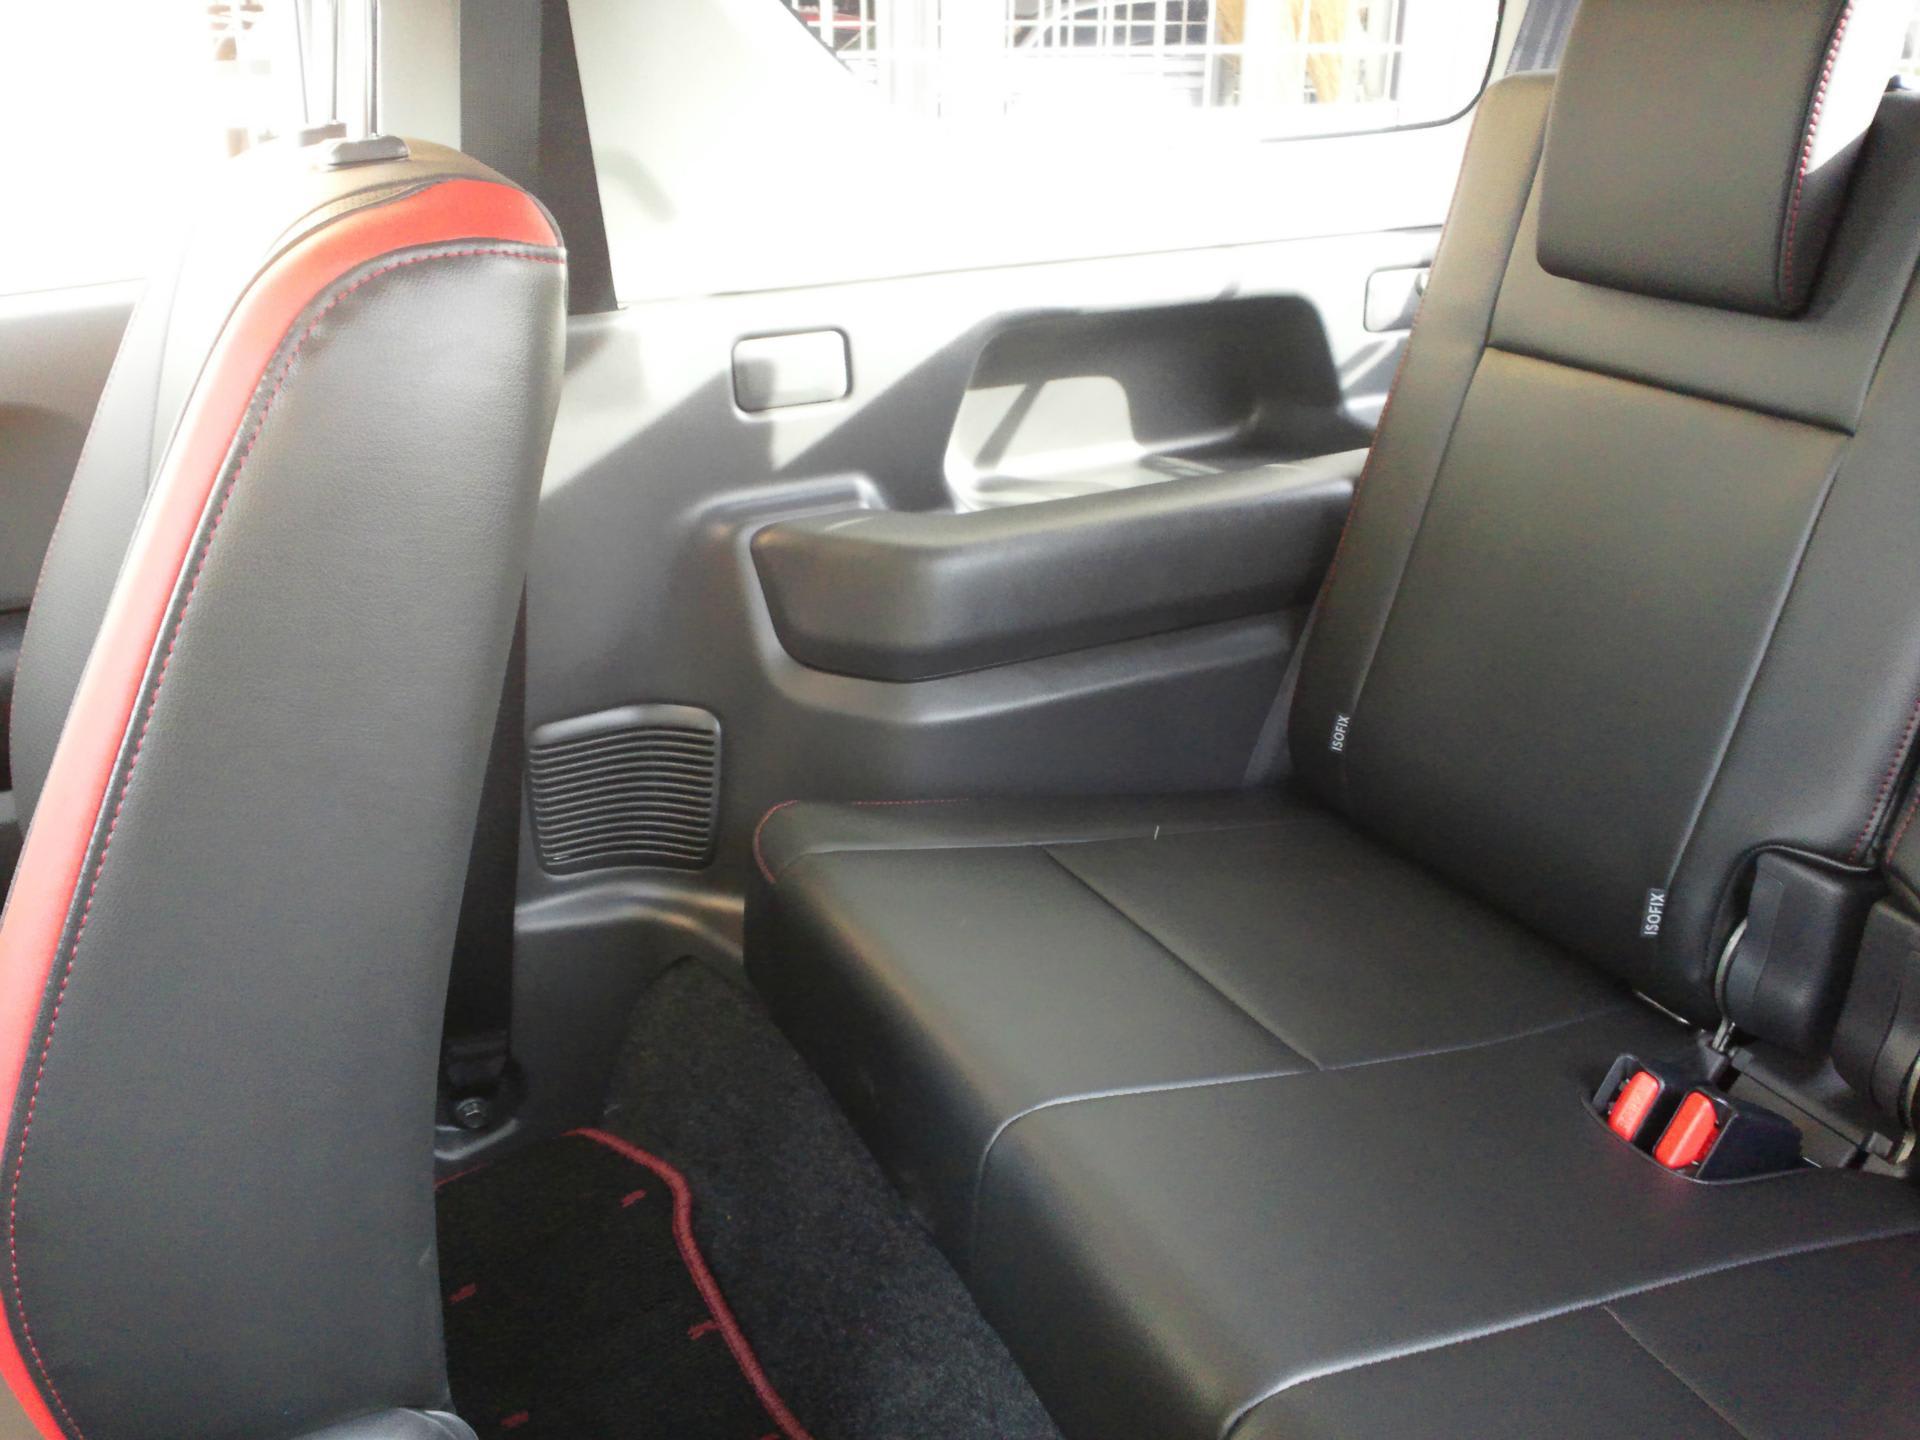 「ジムニーの後ろ座席は狭すぎる!」と評される事が多いですが、確かにその通り、広くはありません。しかし、大人が後ろに座るという使い方も十分可能ではないかと思い